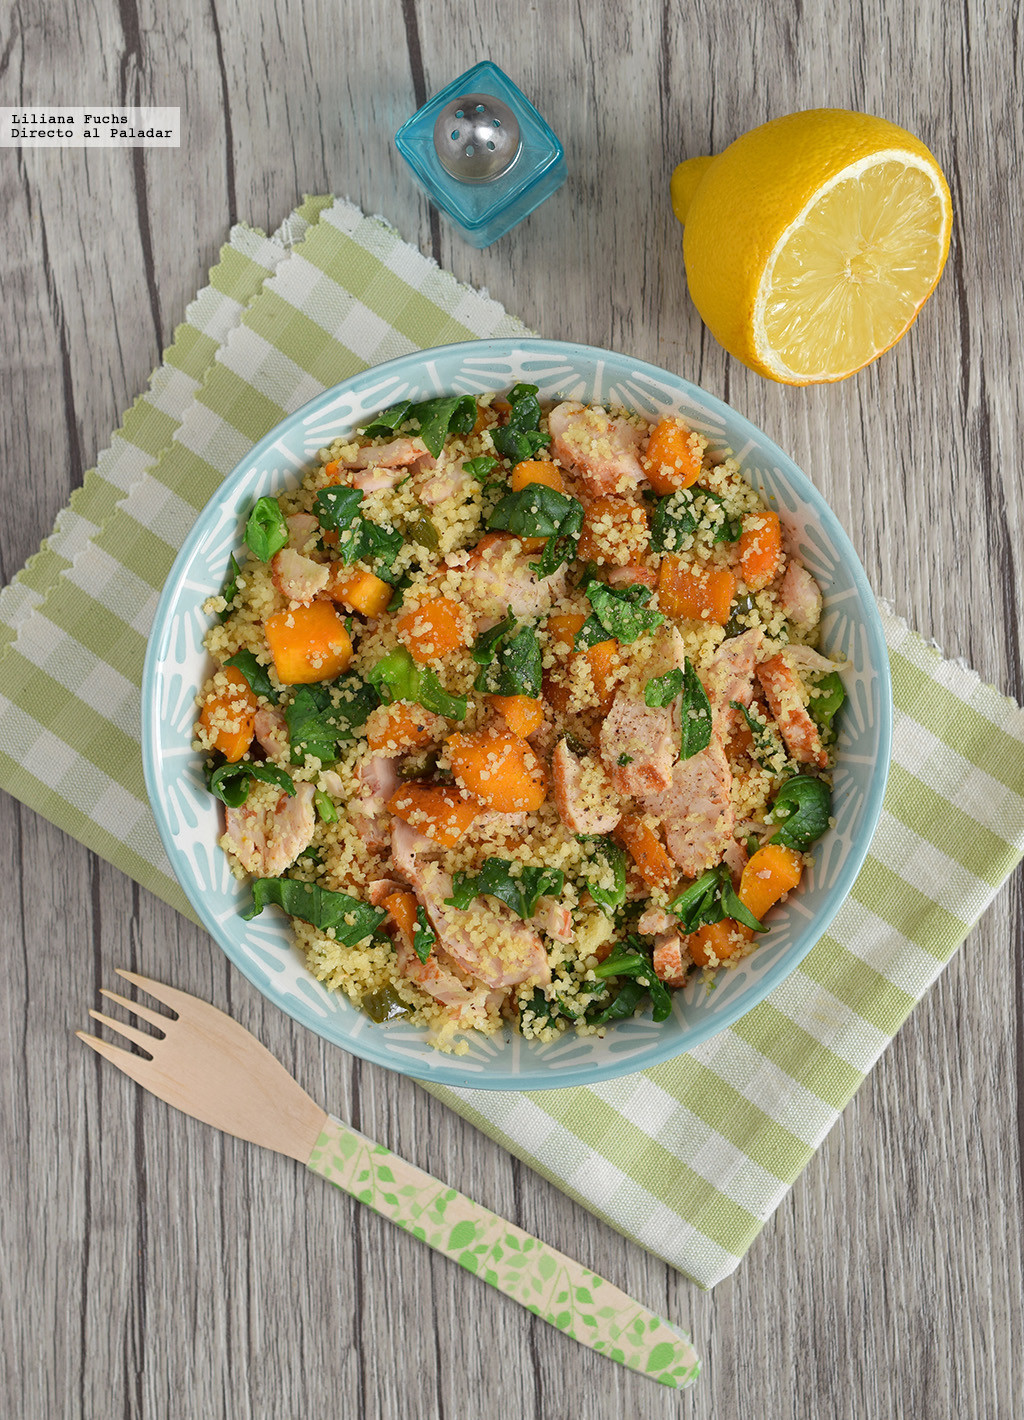 Comer sano en Directo al Paladar (XLI): el menú ligero del mes